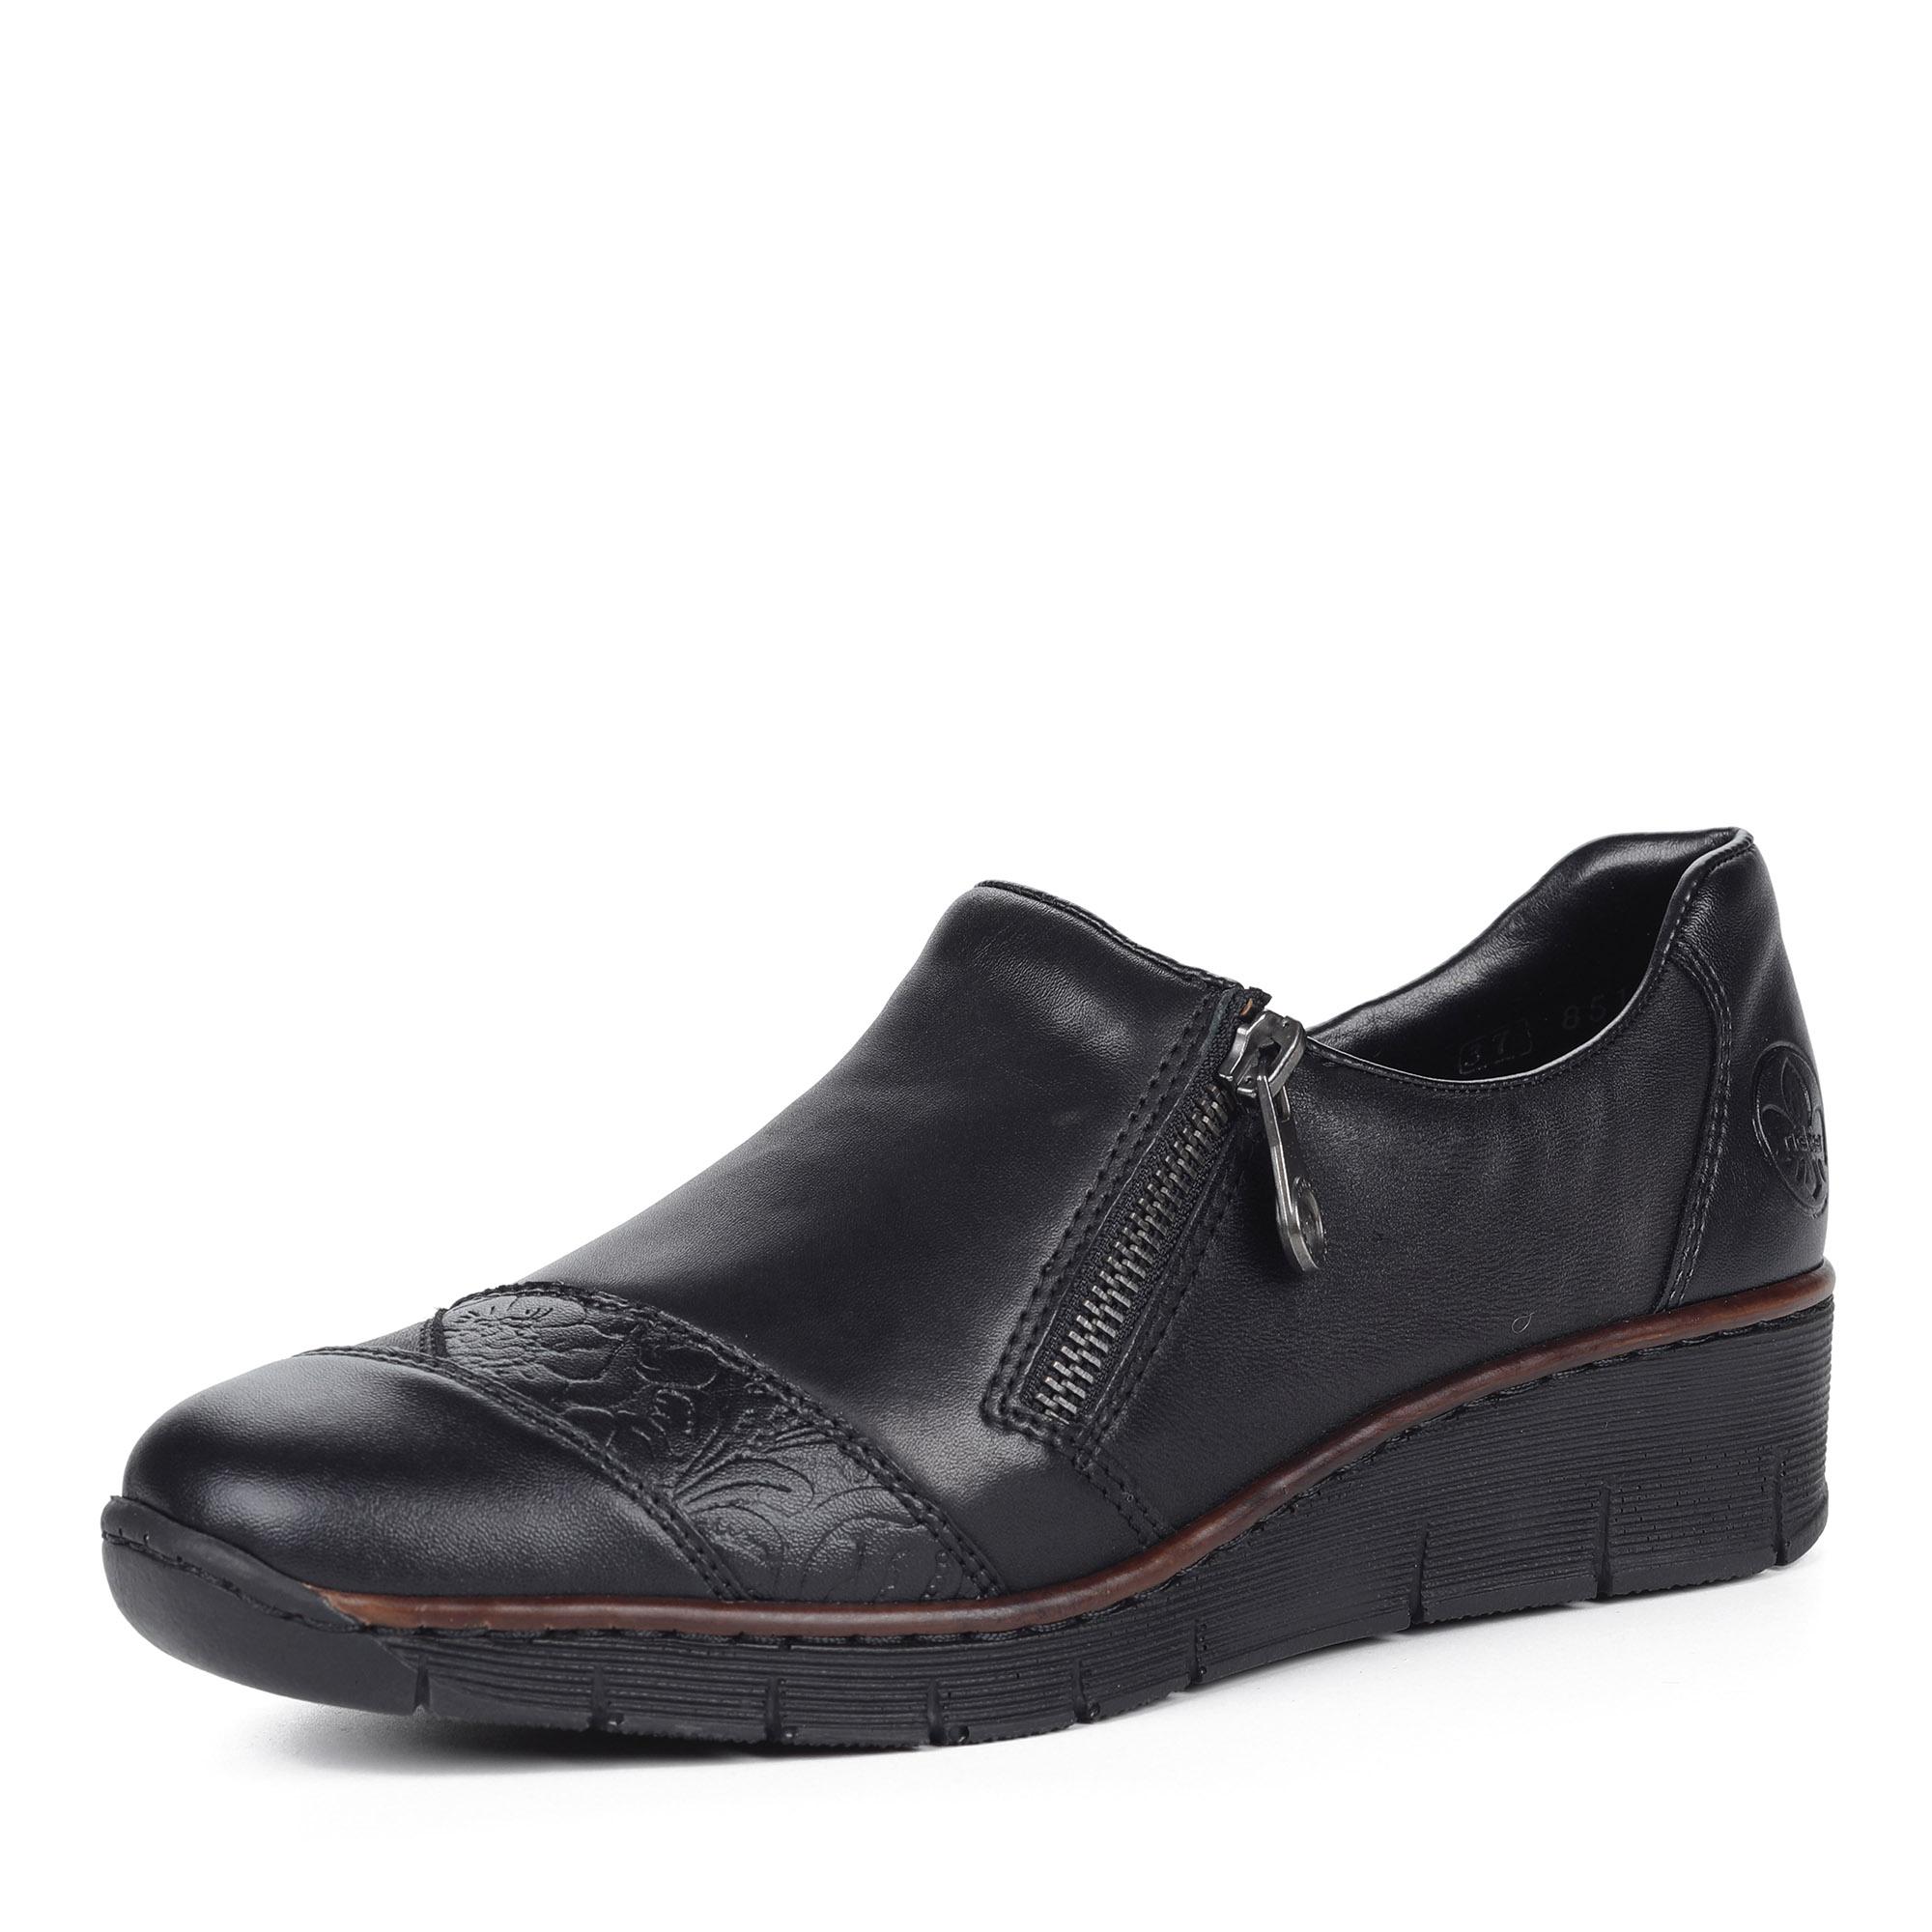 Черные туфли из комбинированных материалов на танкетке